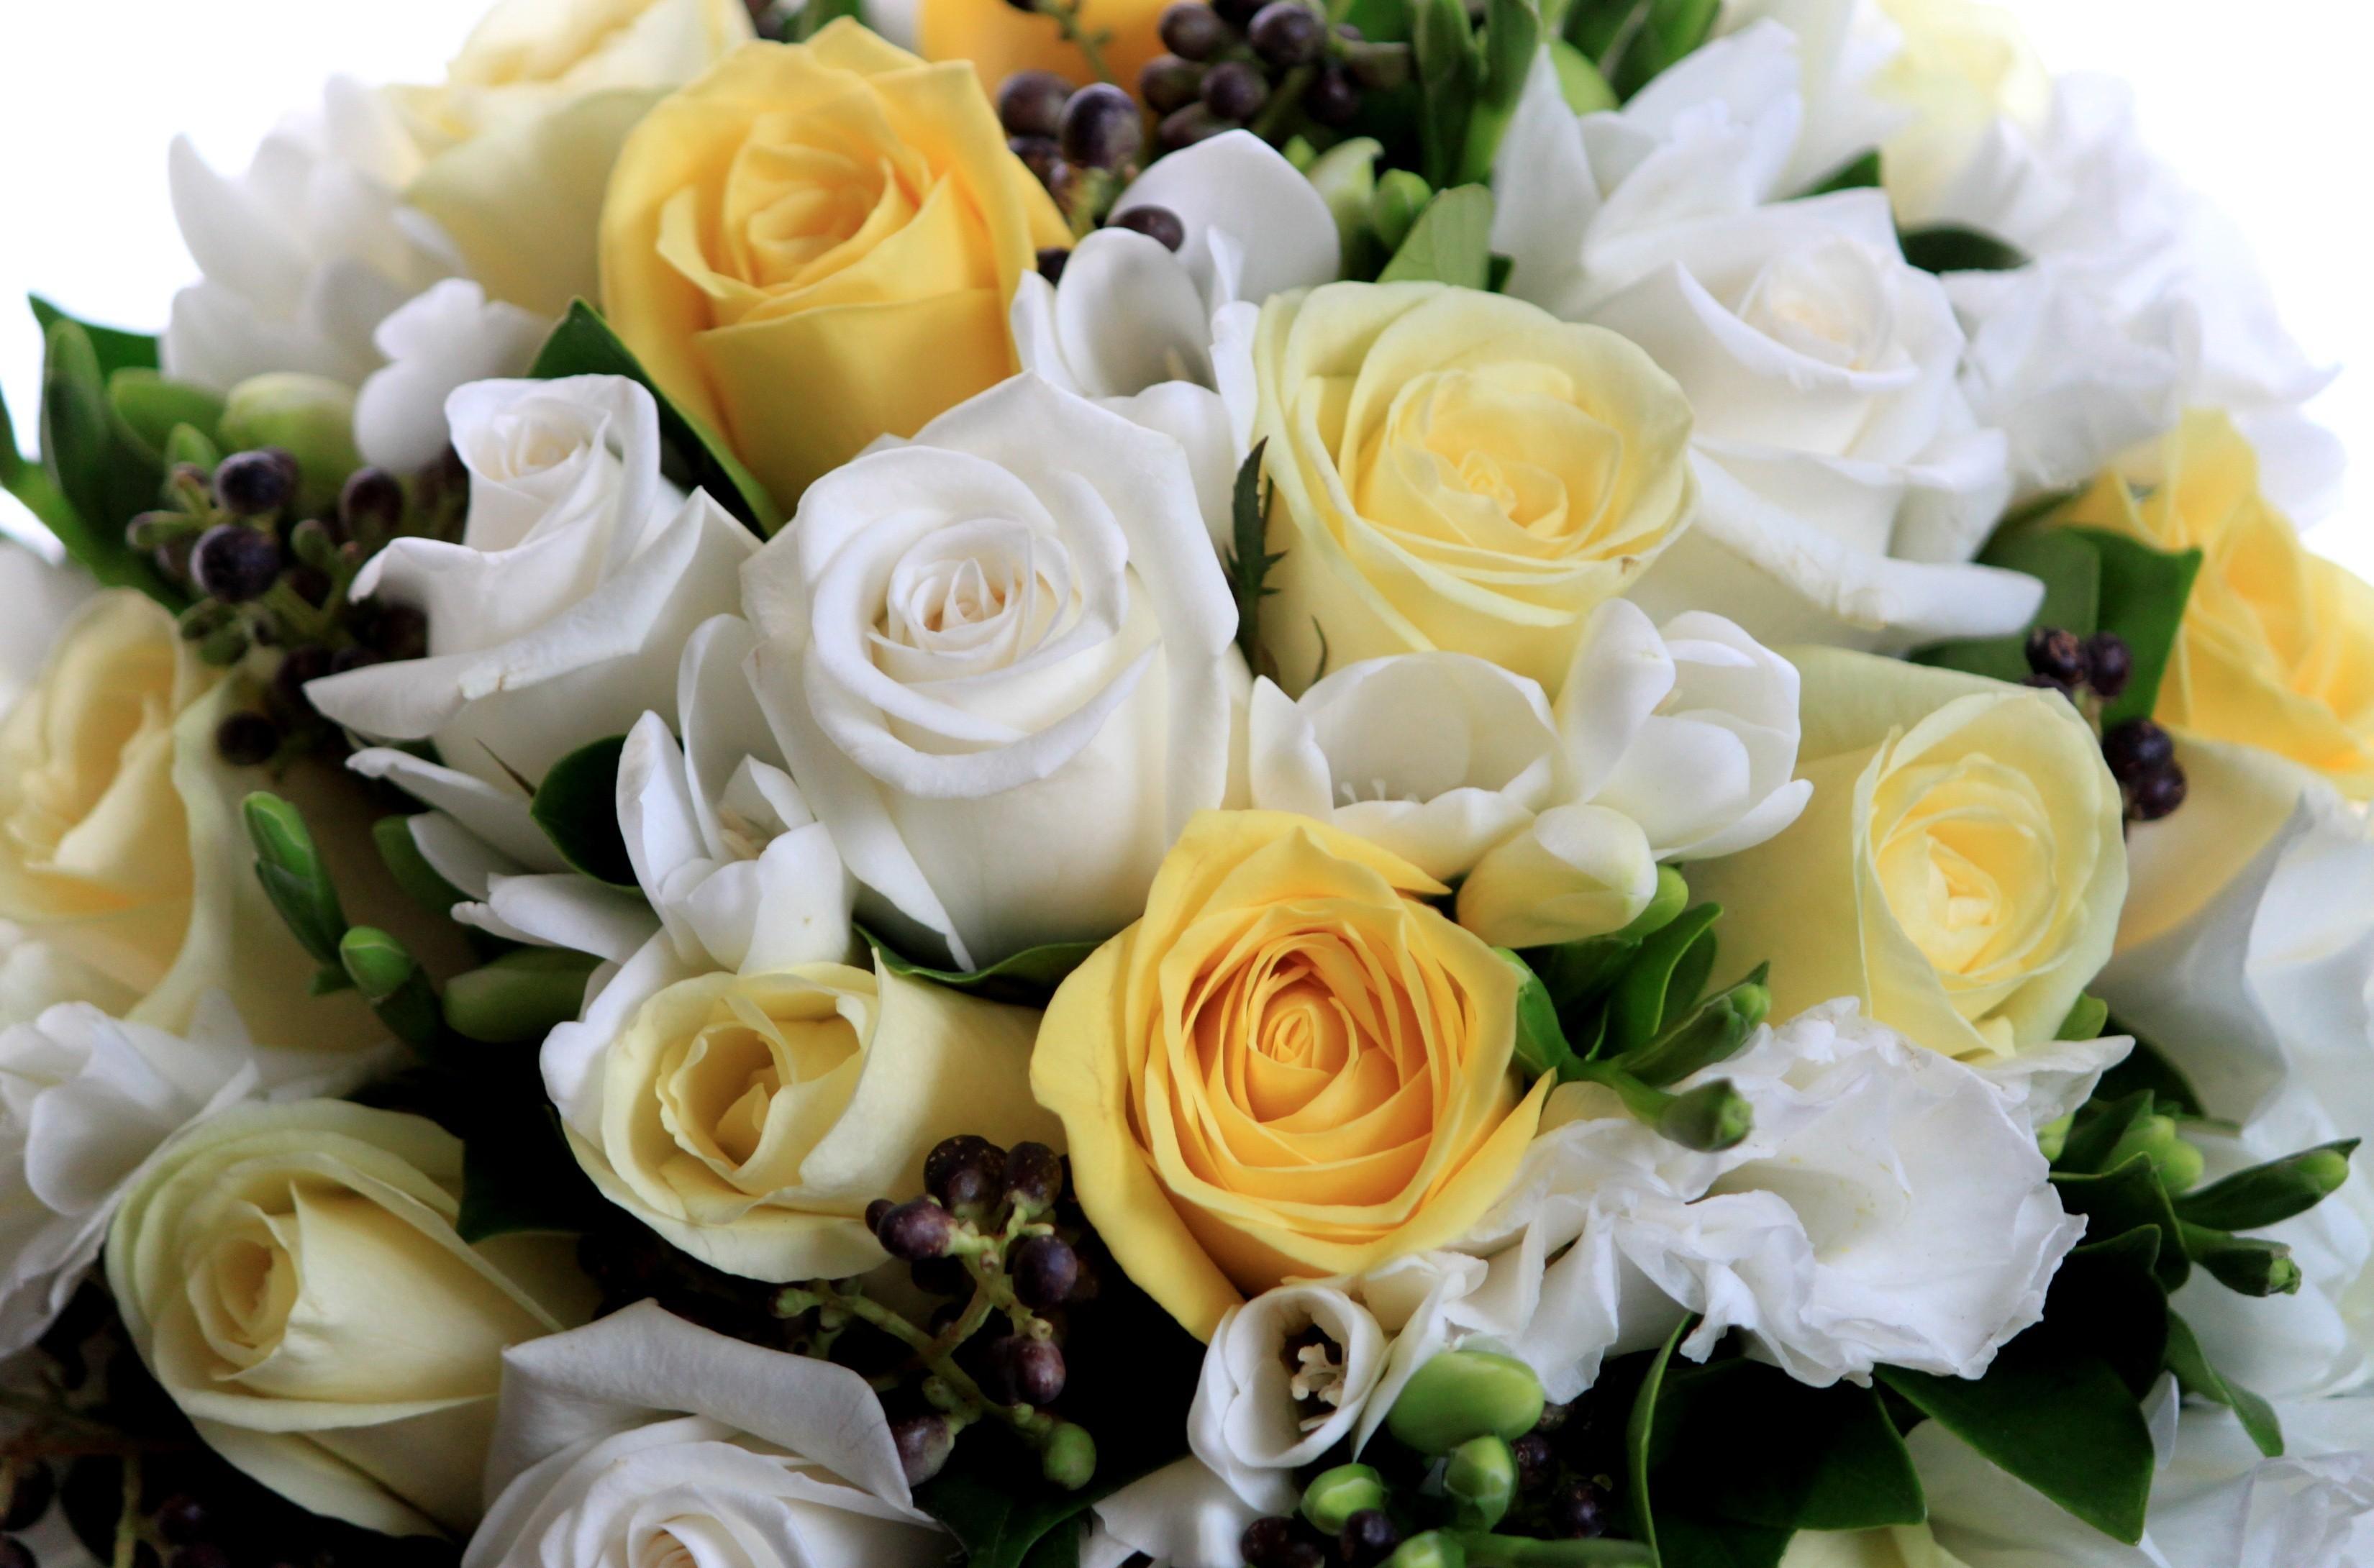 147099 скачать Желтые обои на телефон бесплатно, Розы, Цветы, Букет, Композиция, Красиво Желтые картинки и заставки на мобильный